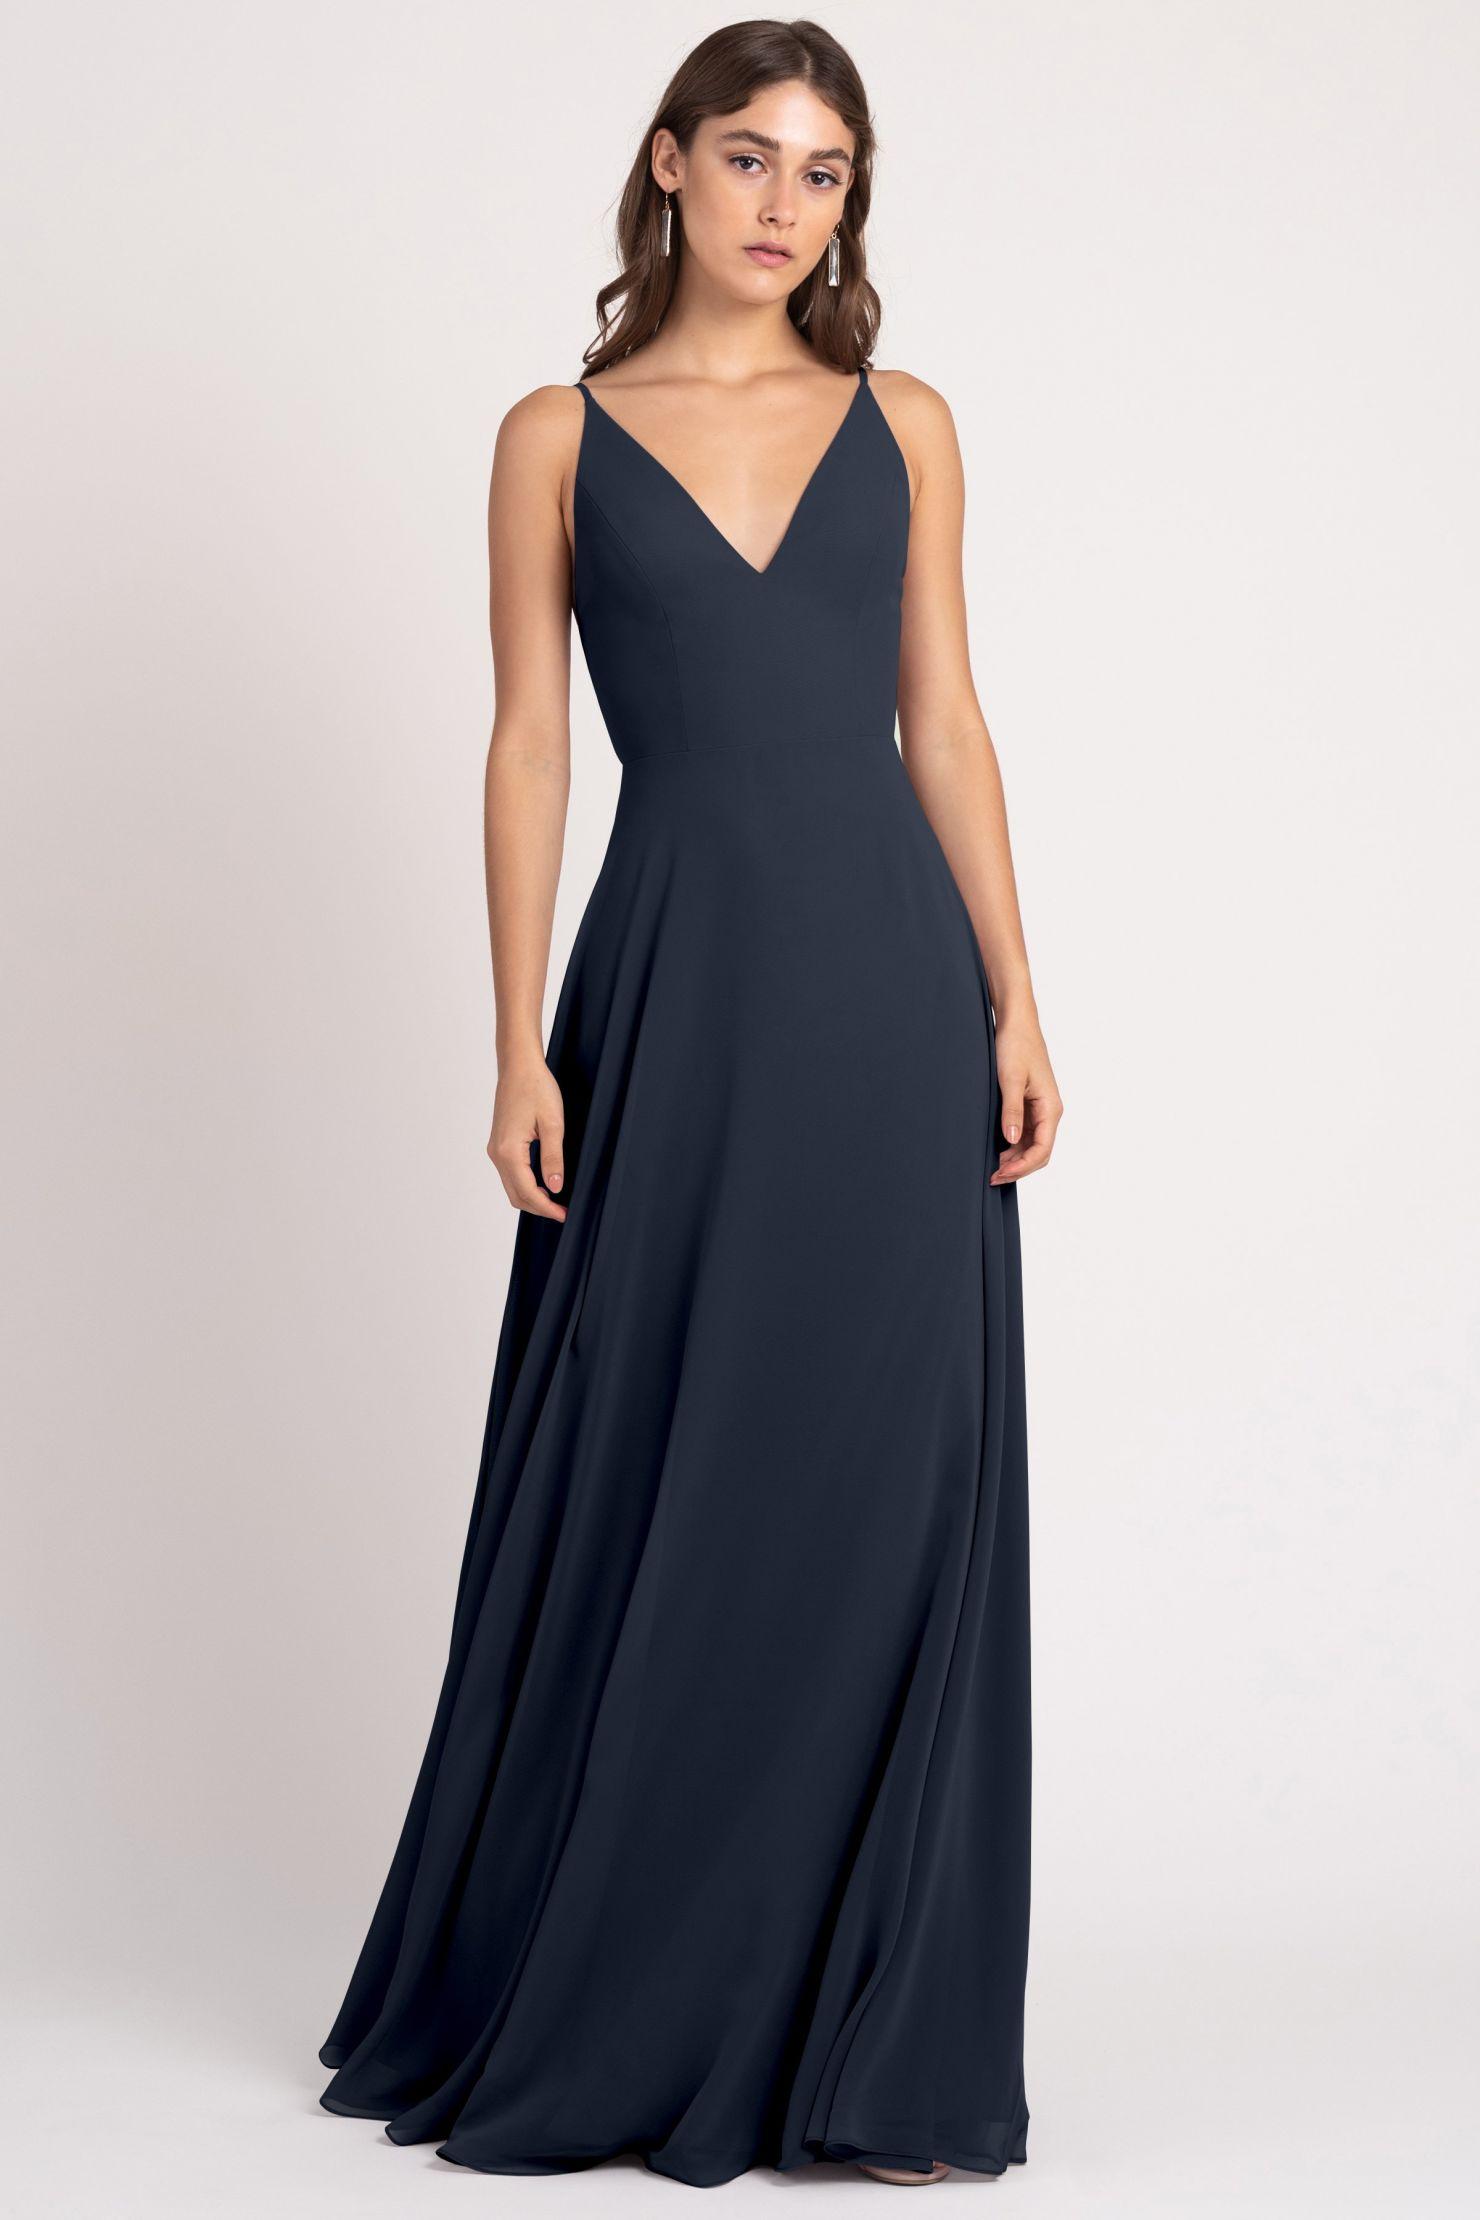 Dani Bridesmaids Dress by Jenny Yoo - Navy